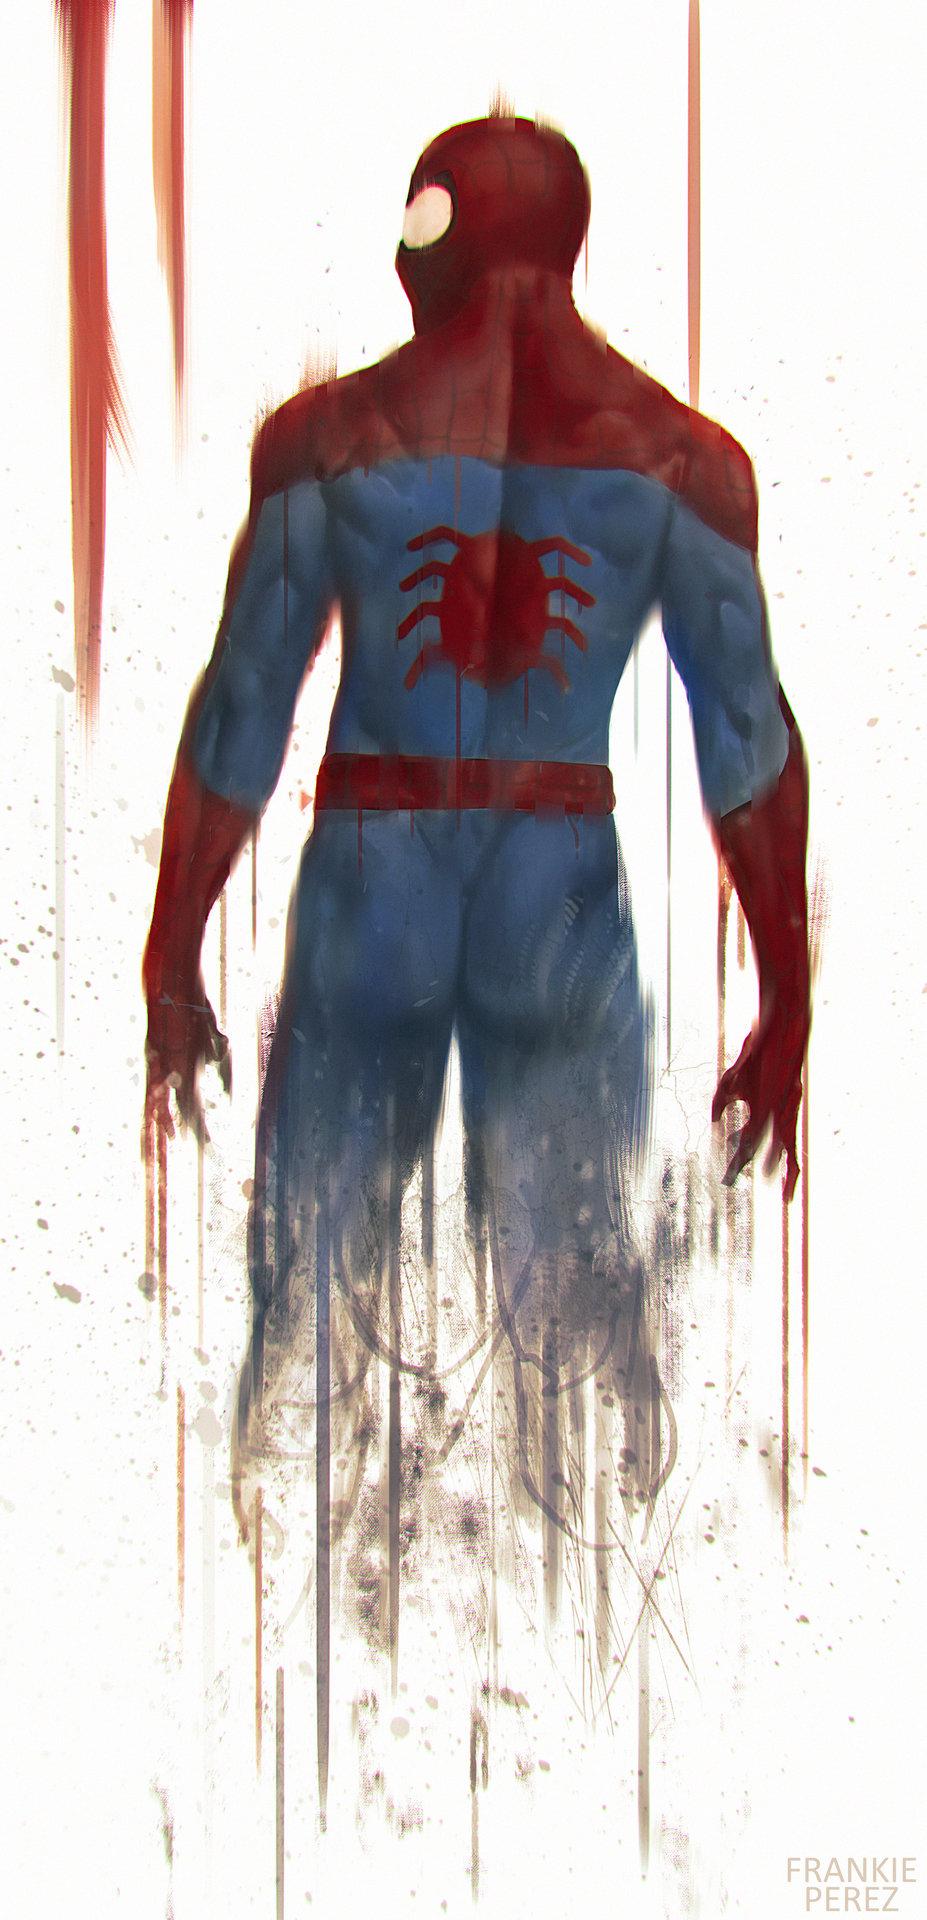 edgy-superhero-art-deadpool-spider-man-batman-and-phoenix1